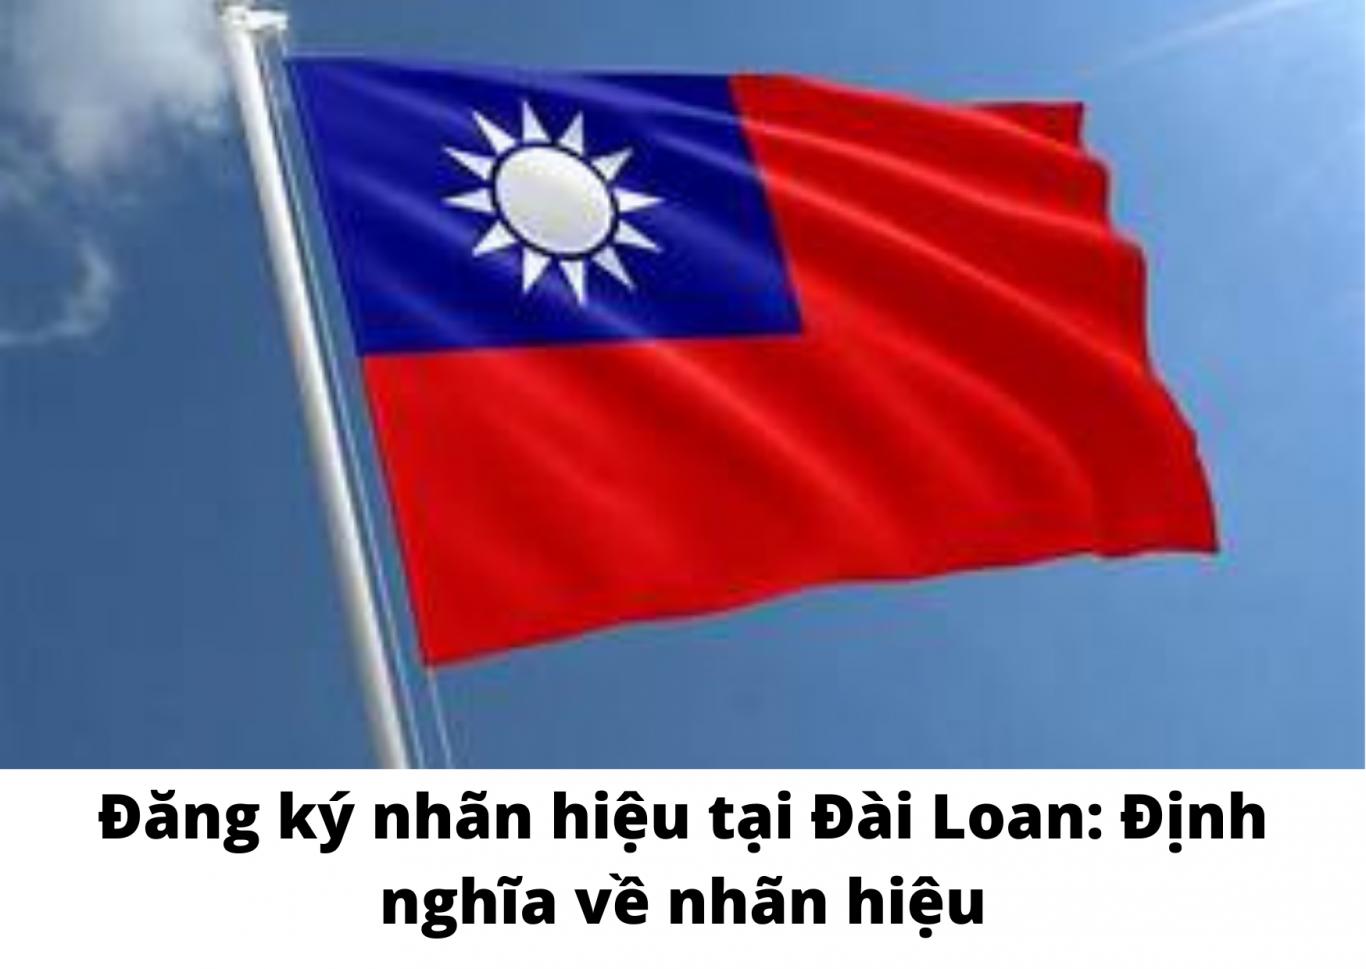 Đăng ký nhãn hiệu tại Đài Loan: Định nghĩa về nhãn hiệu, Định nghĩa về nhãn hiệu tại Đài Loan, Nhãn hiệu tại Đài Loan